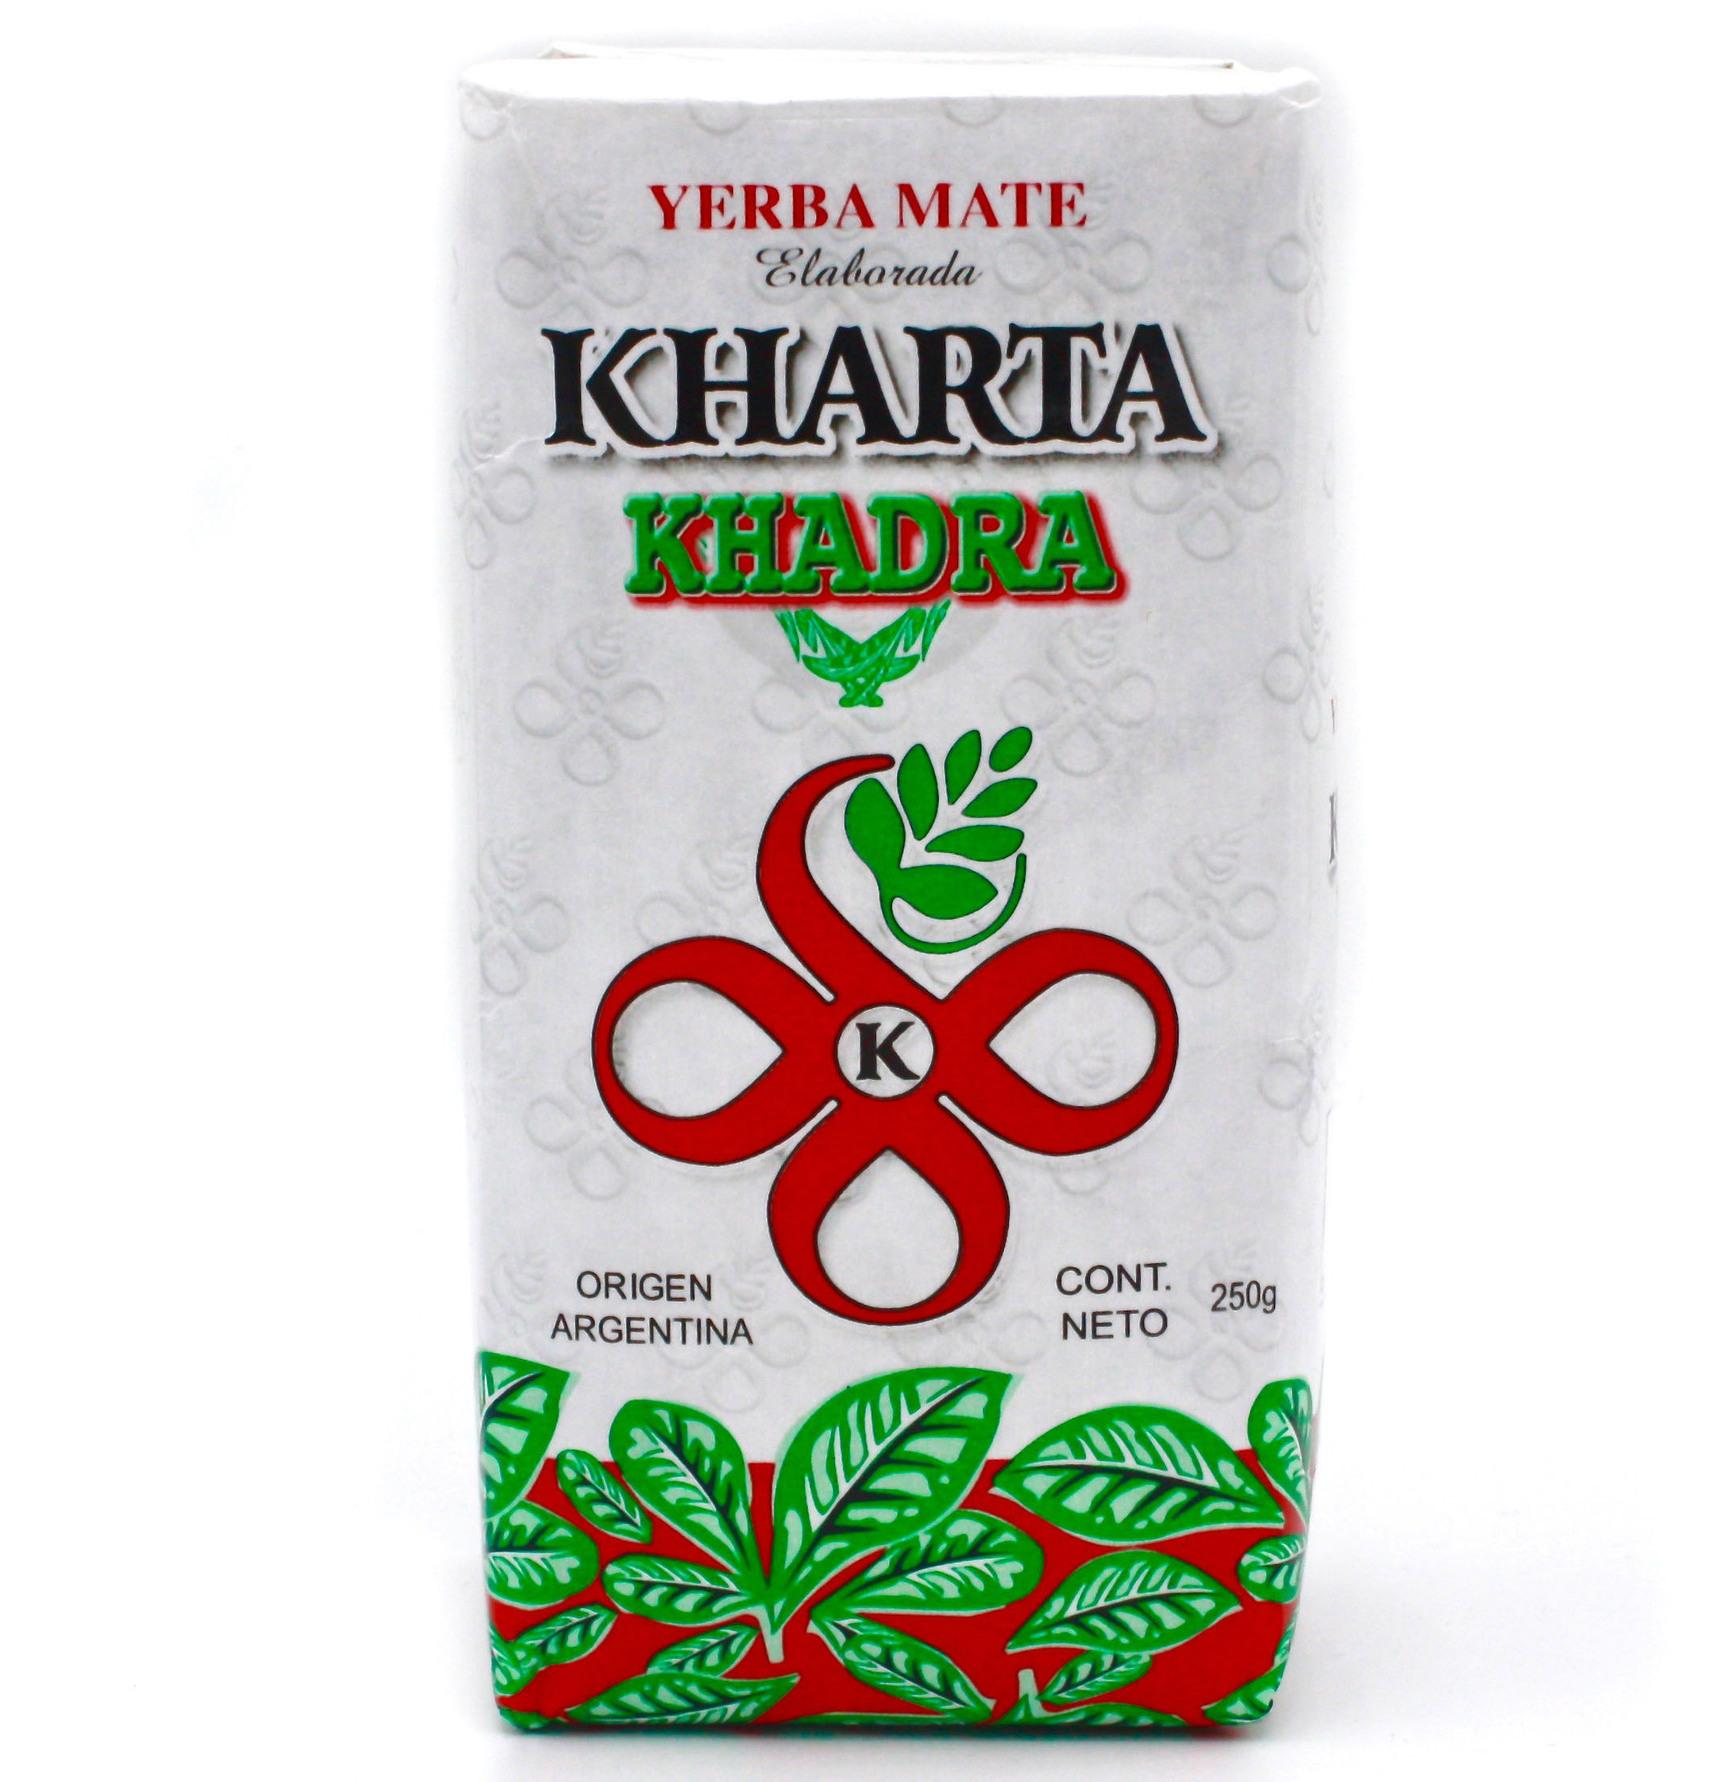 Мате Kharta Khadra, 250 г import_files_ac_acda60ab5f4f11e8868b448a5b3752ae_f550a0f638f411e9a9a6484d7ecee297.jpg